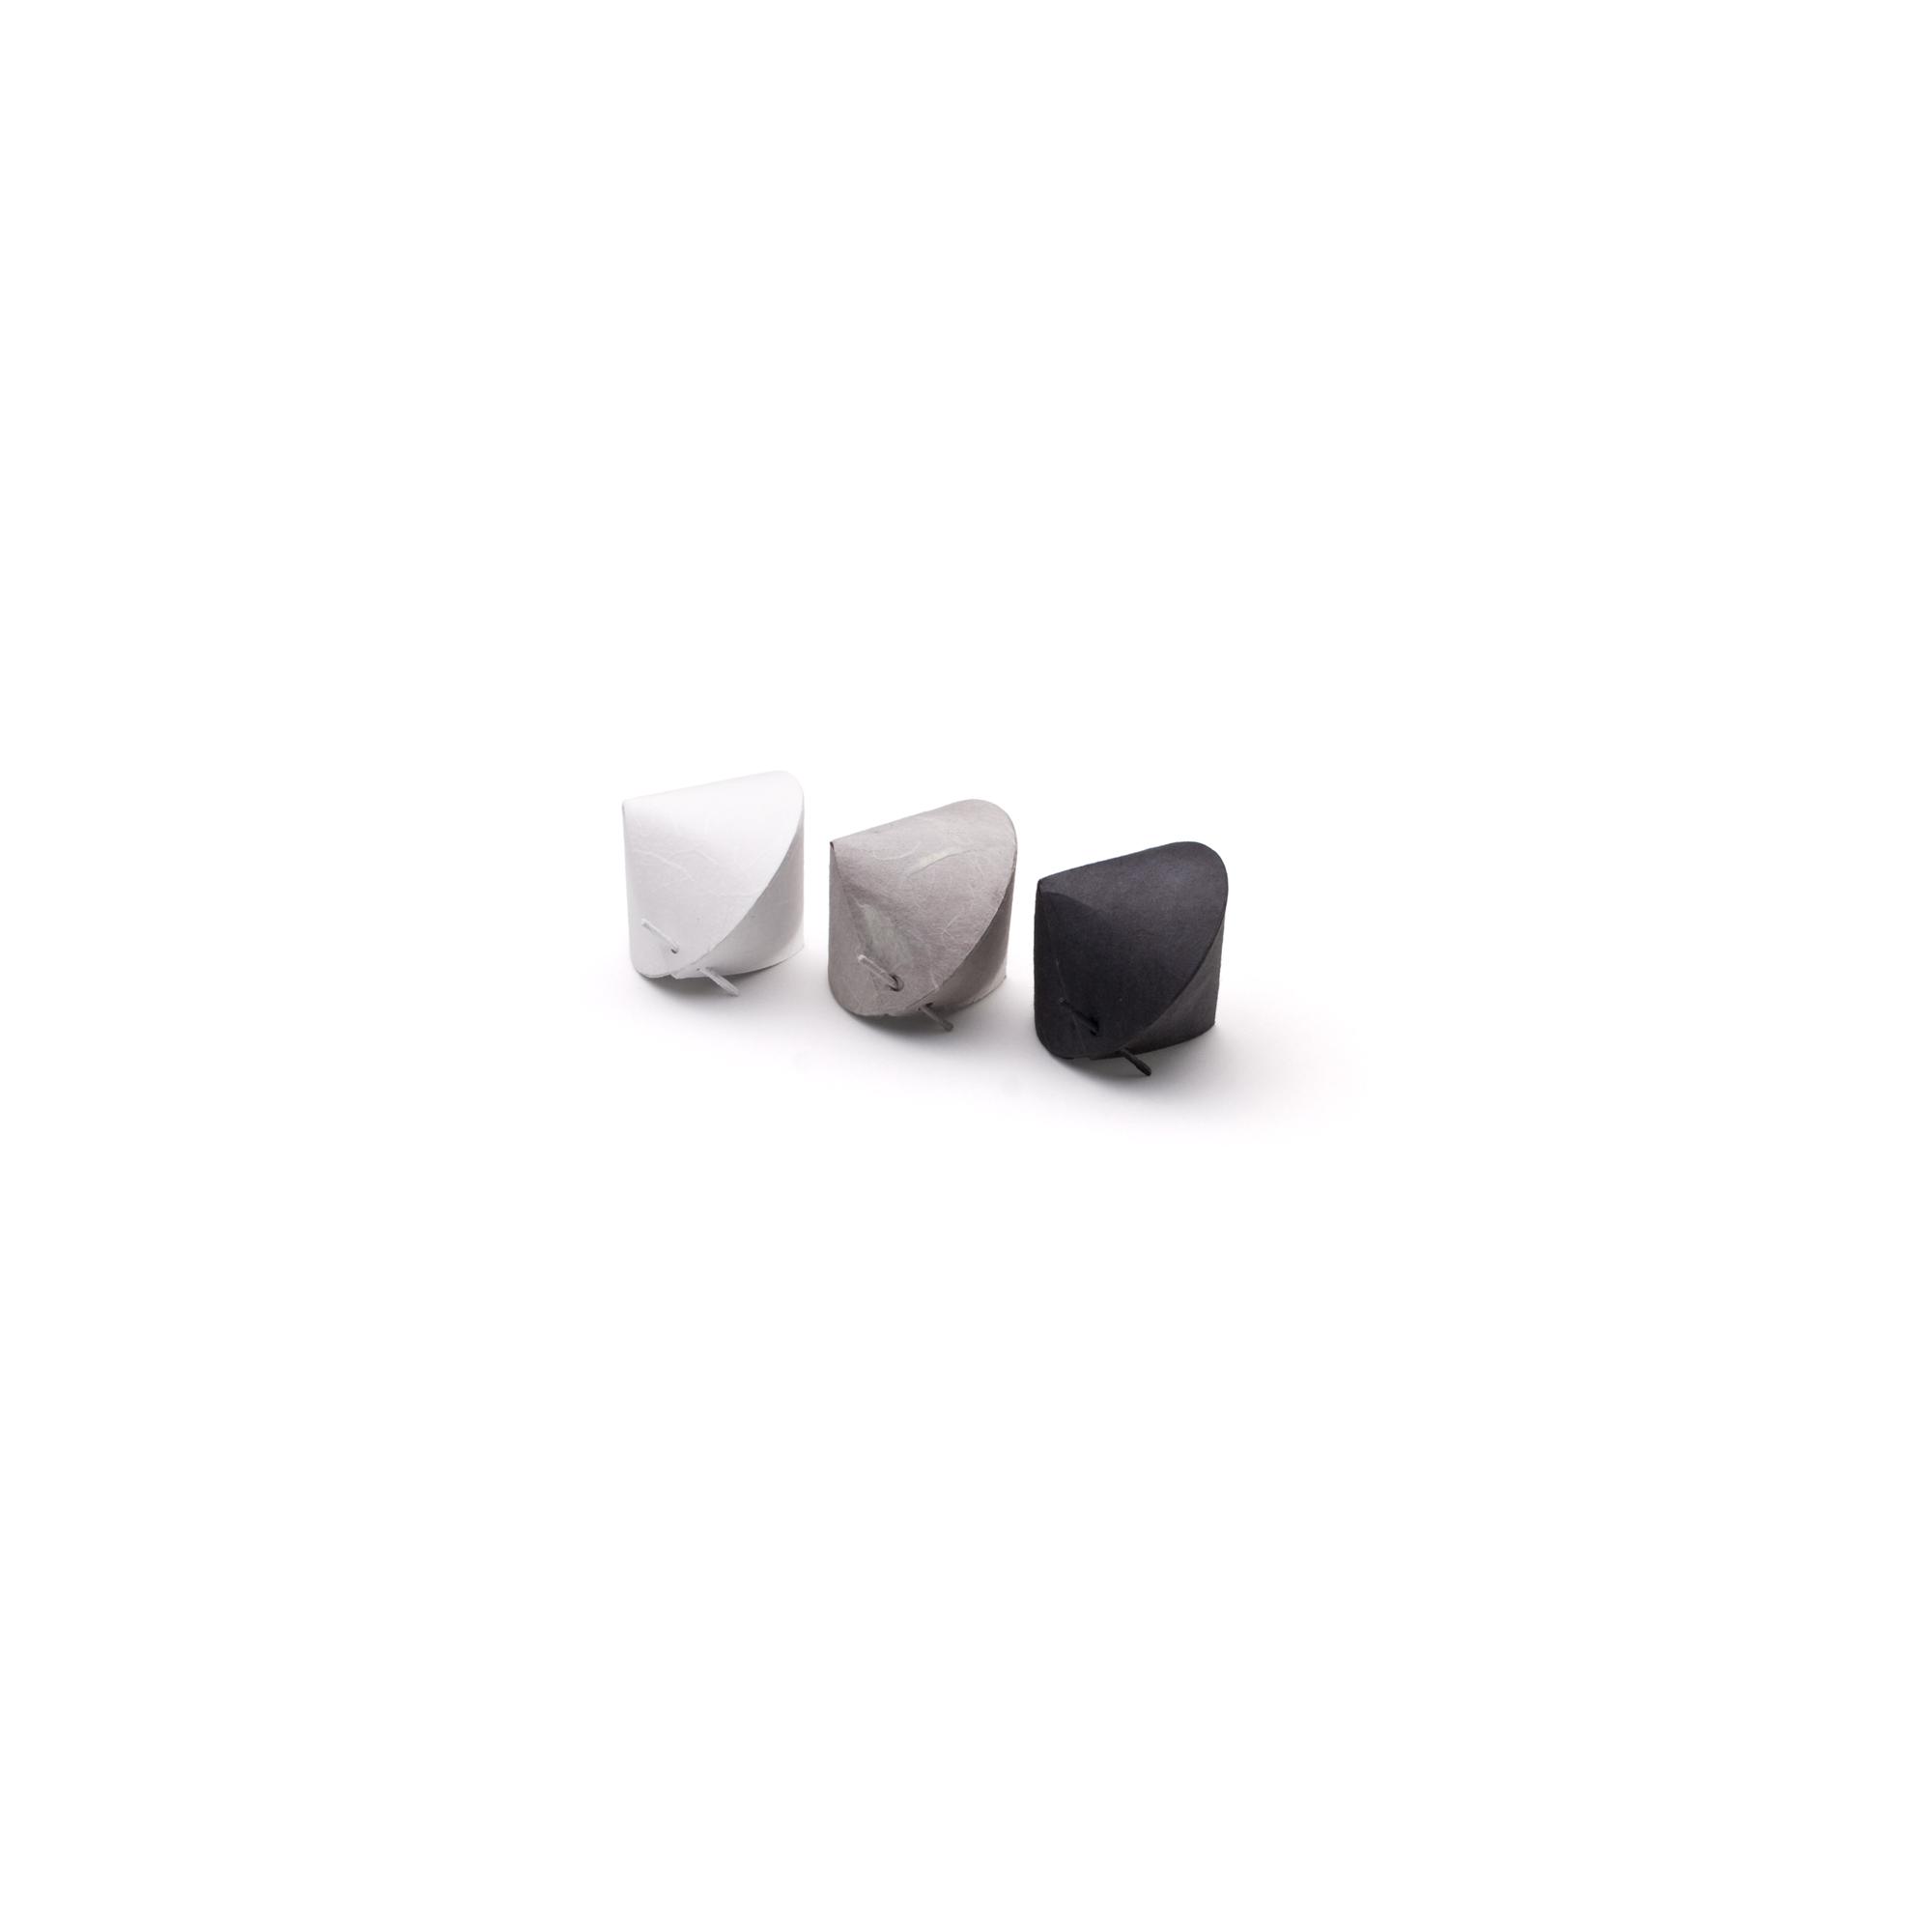 PACBOX Standard schwarz/weiß/grau